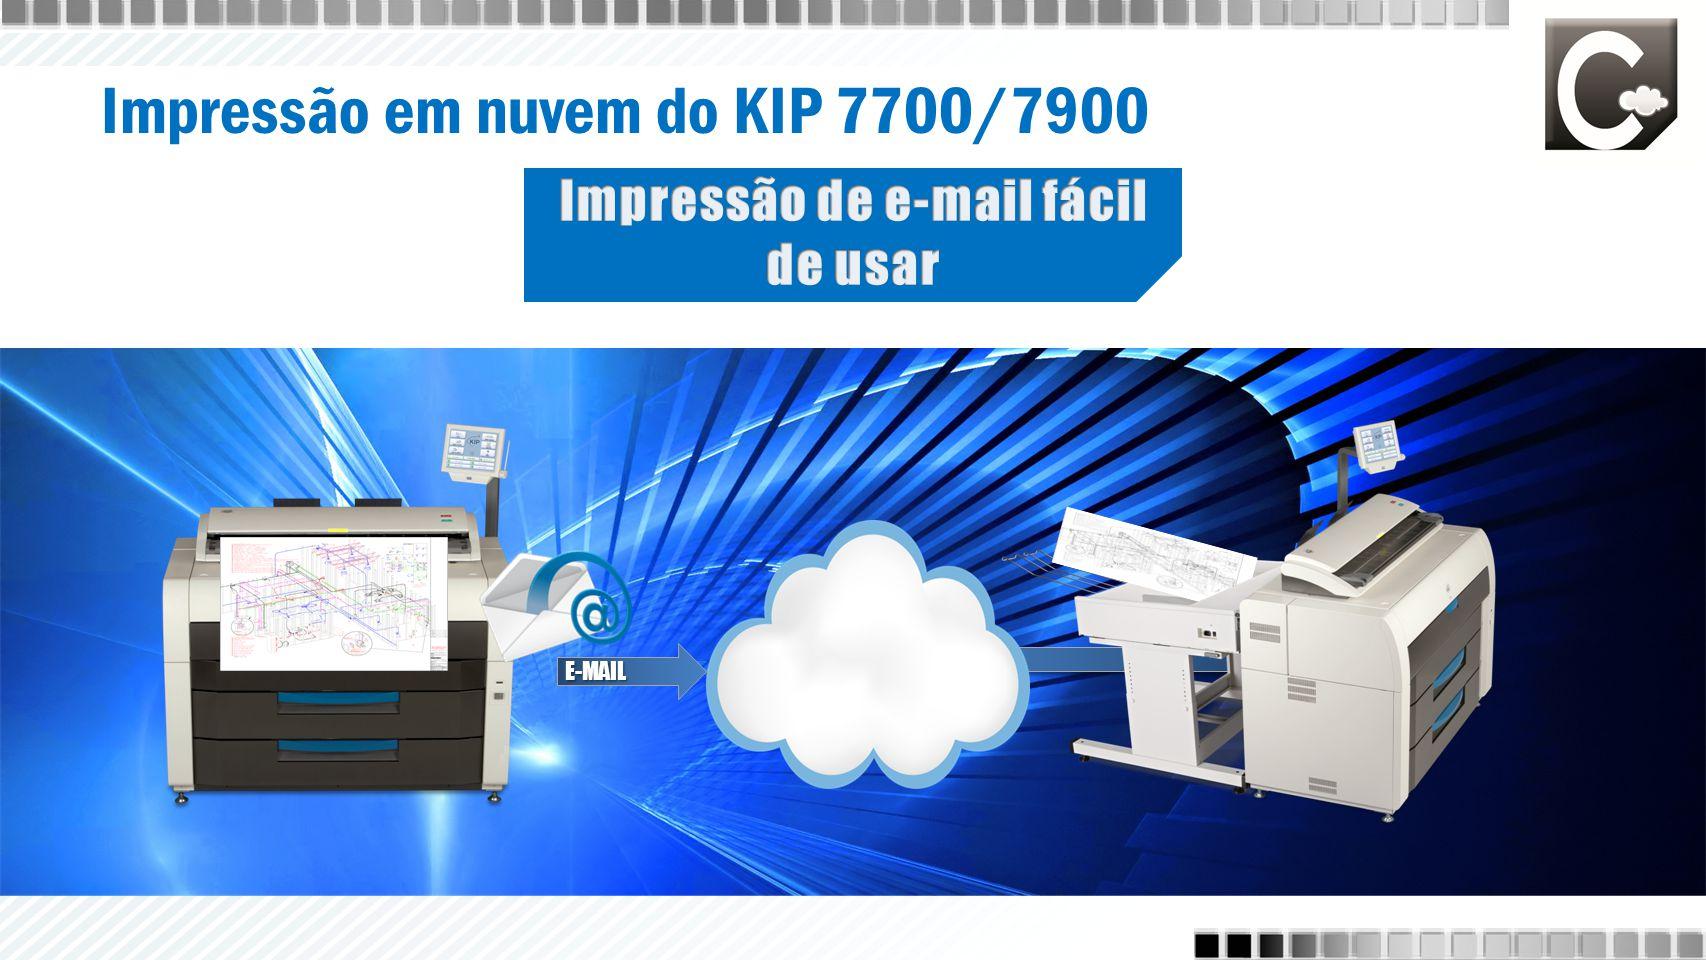 Impressão em nuvem do KIP 7700/7900 E-MAIL